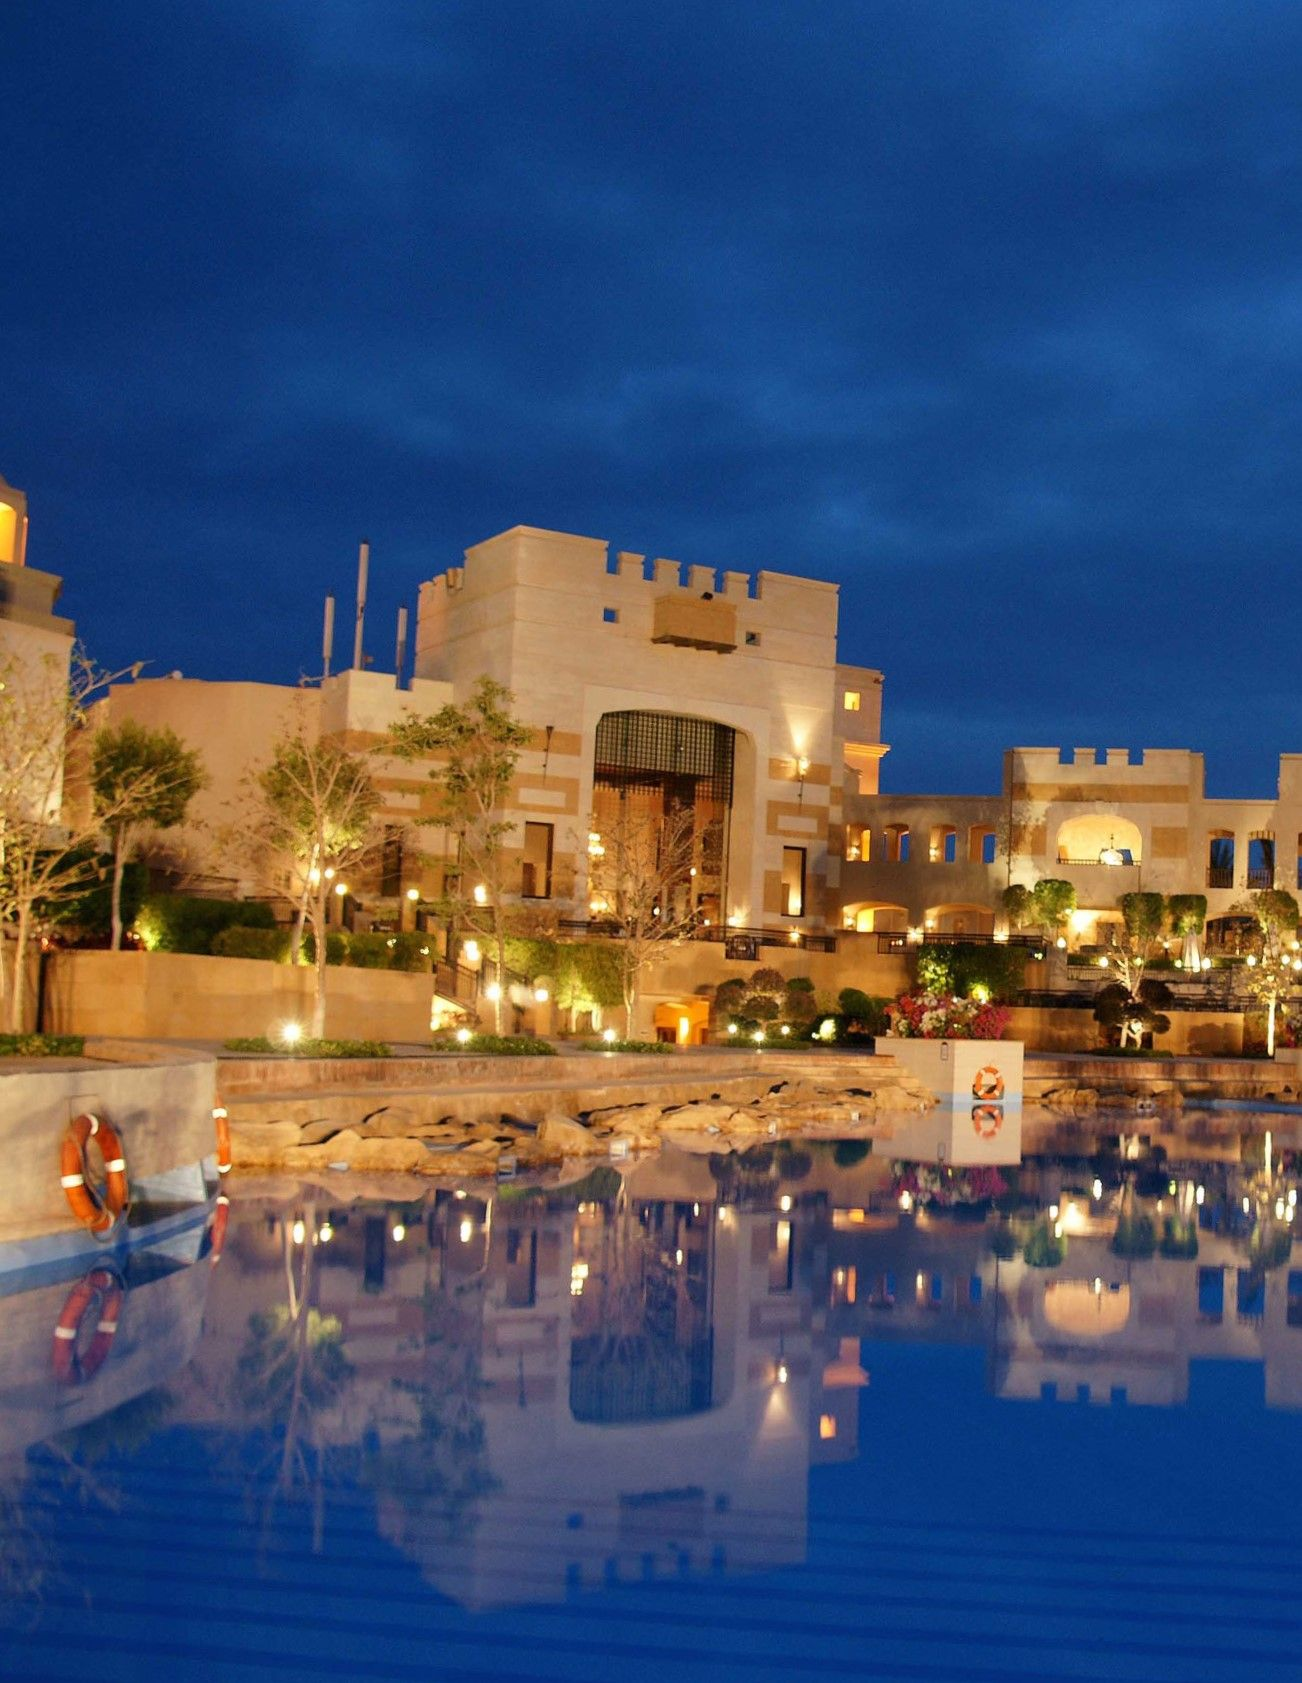 Urlaub In ägypten Tipps